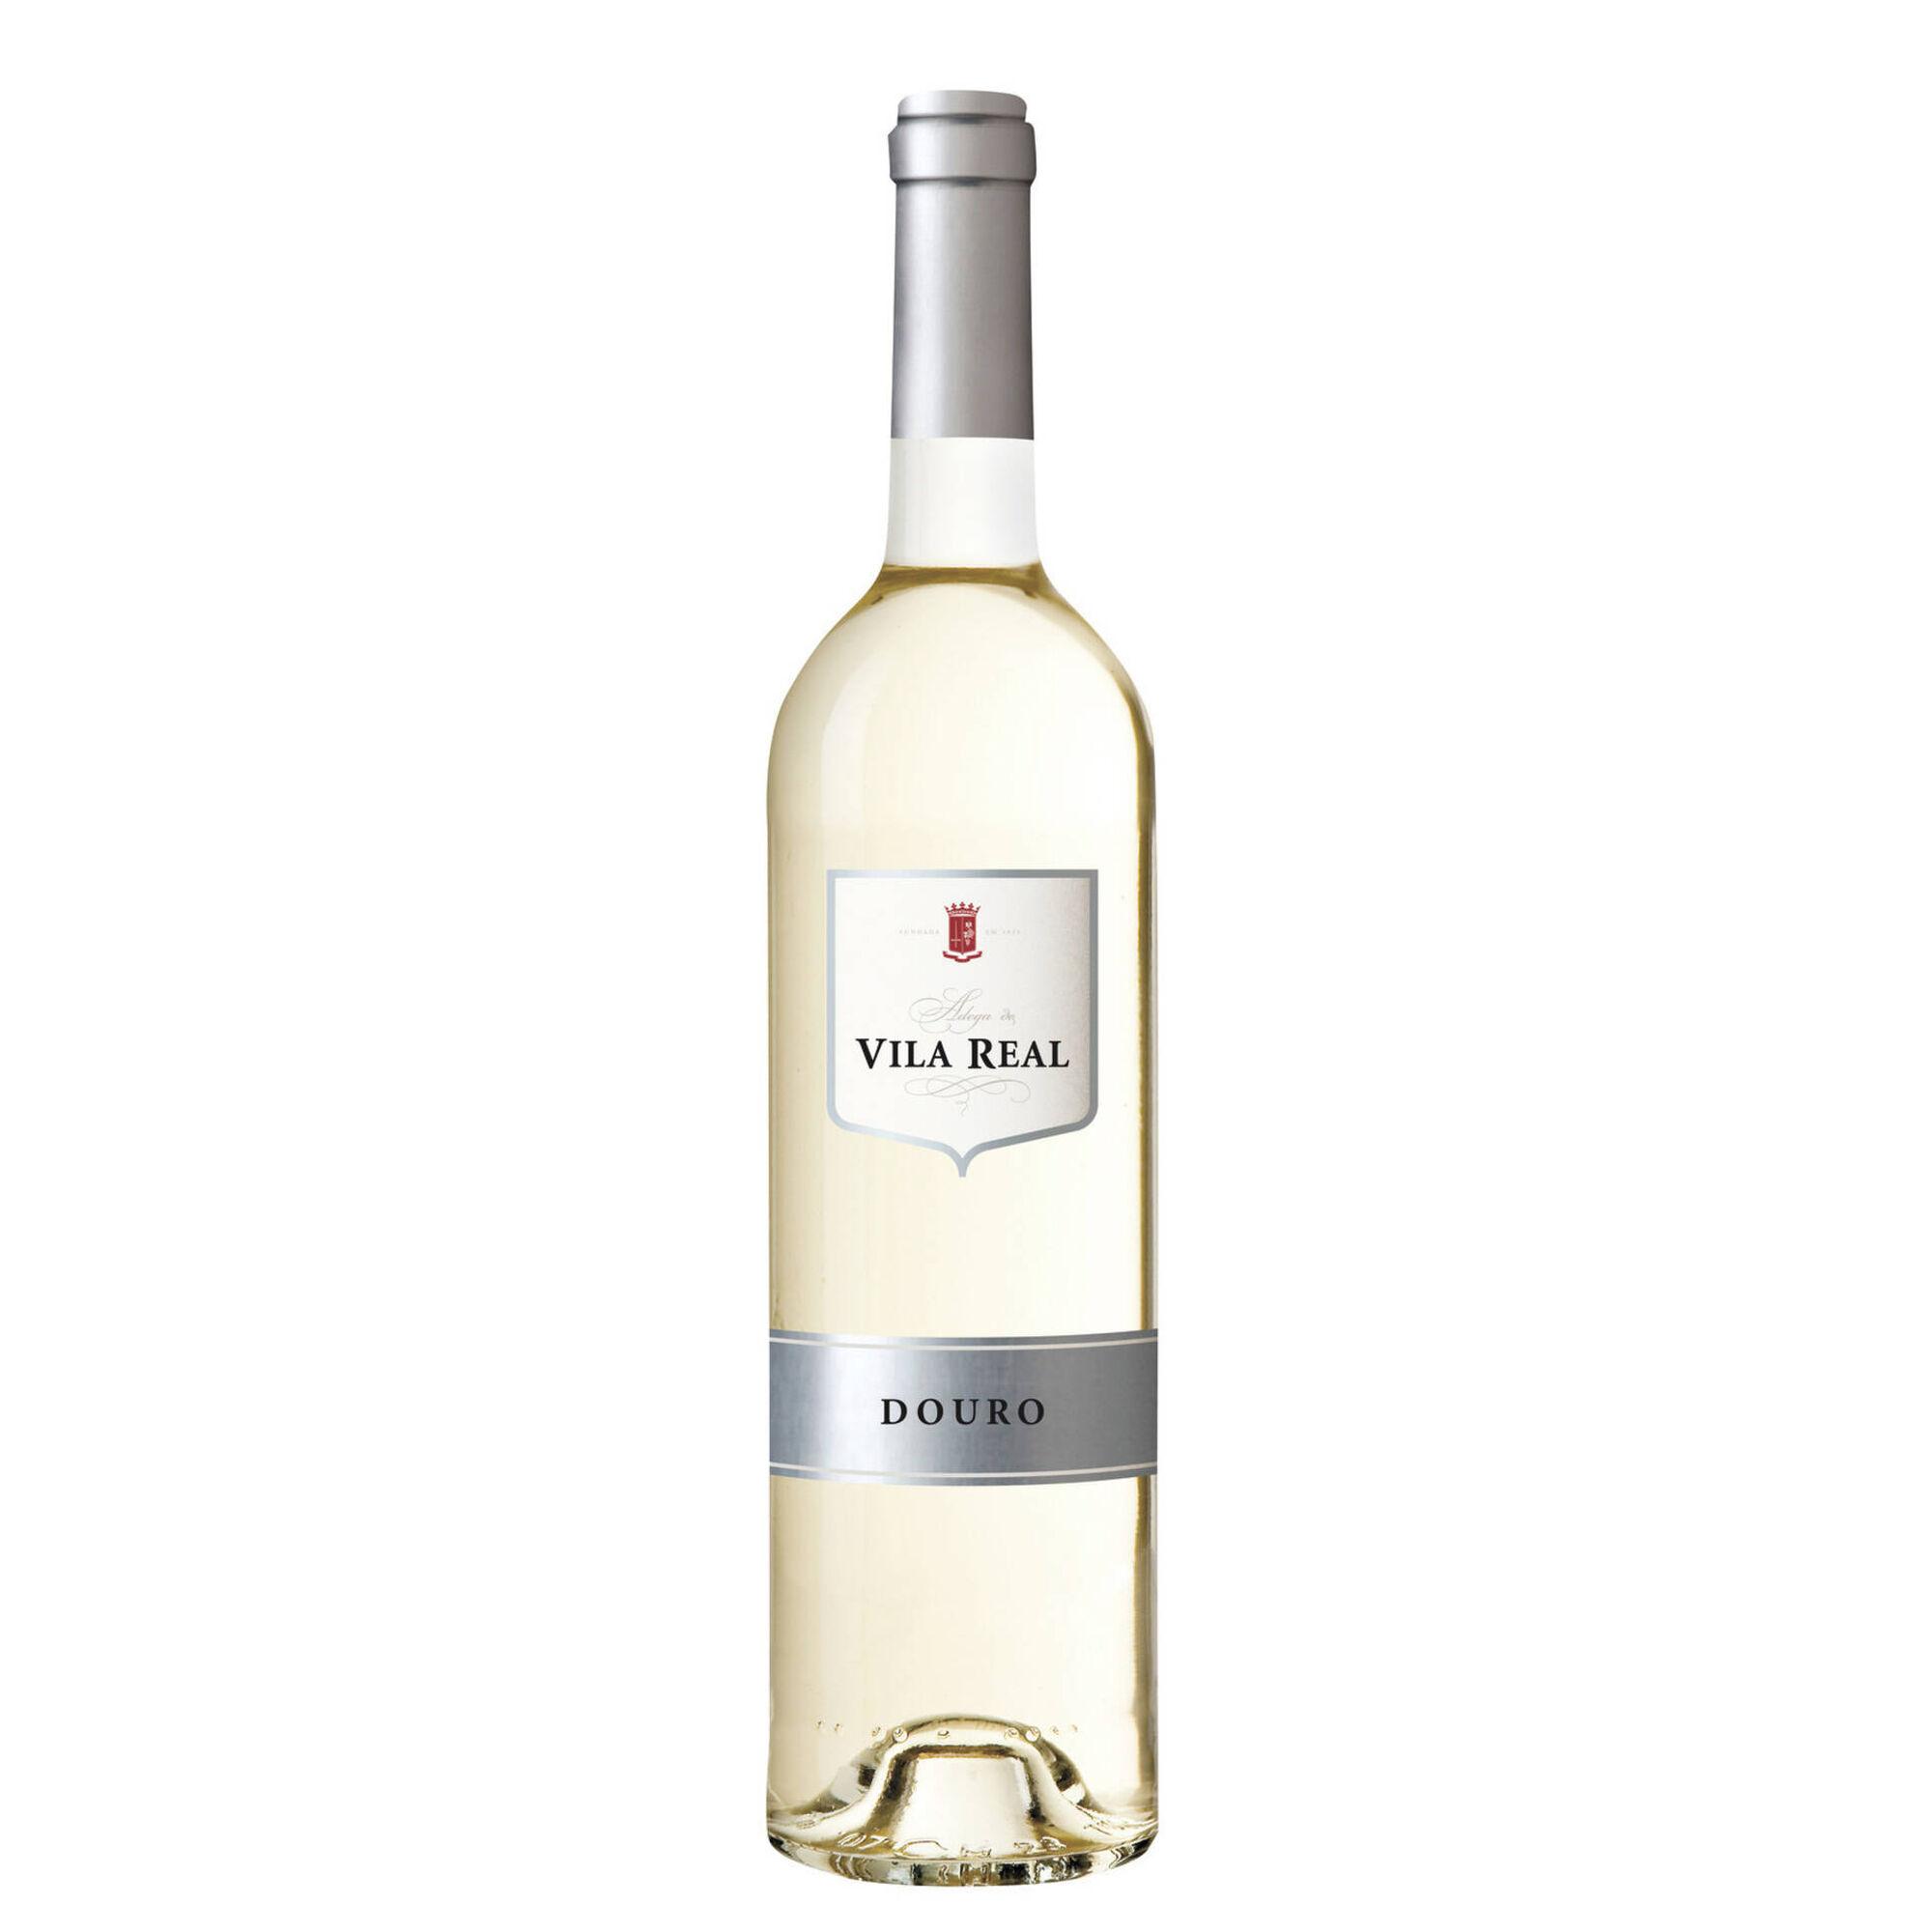 Adega de Vila Real DOC Douro Vinho Branco